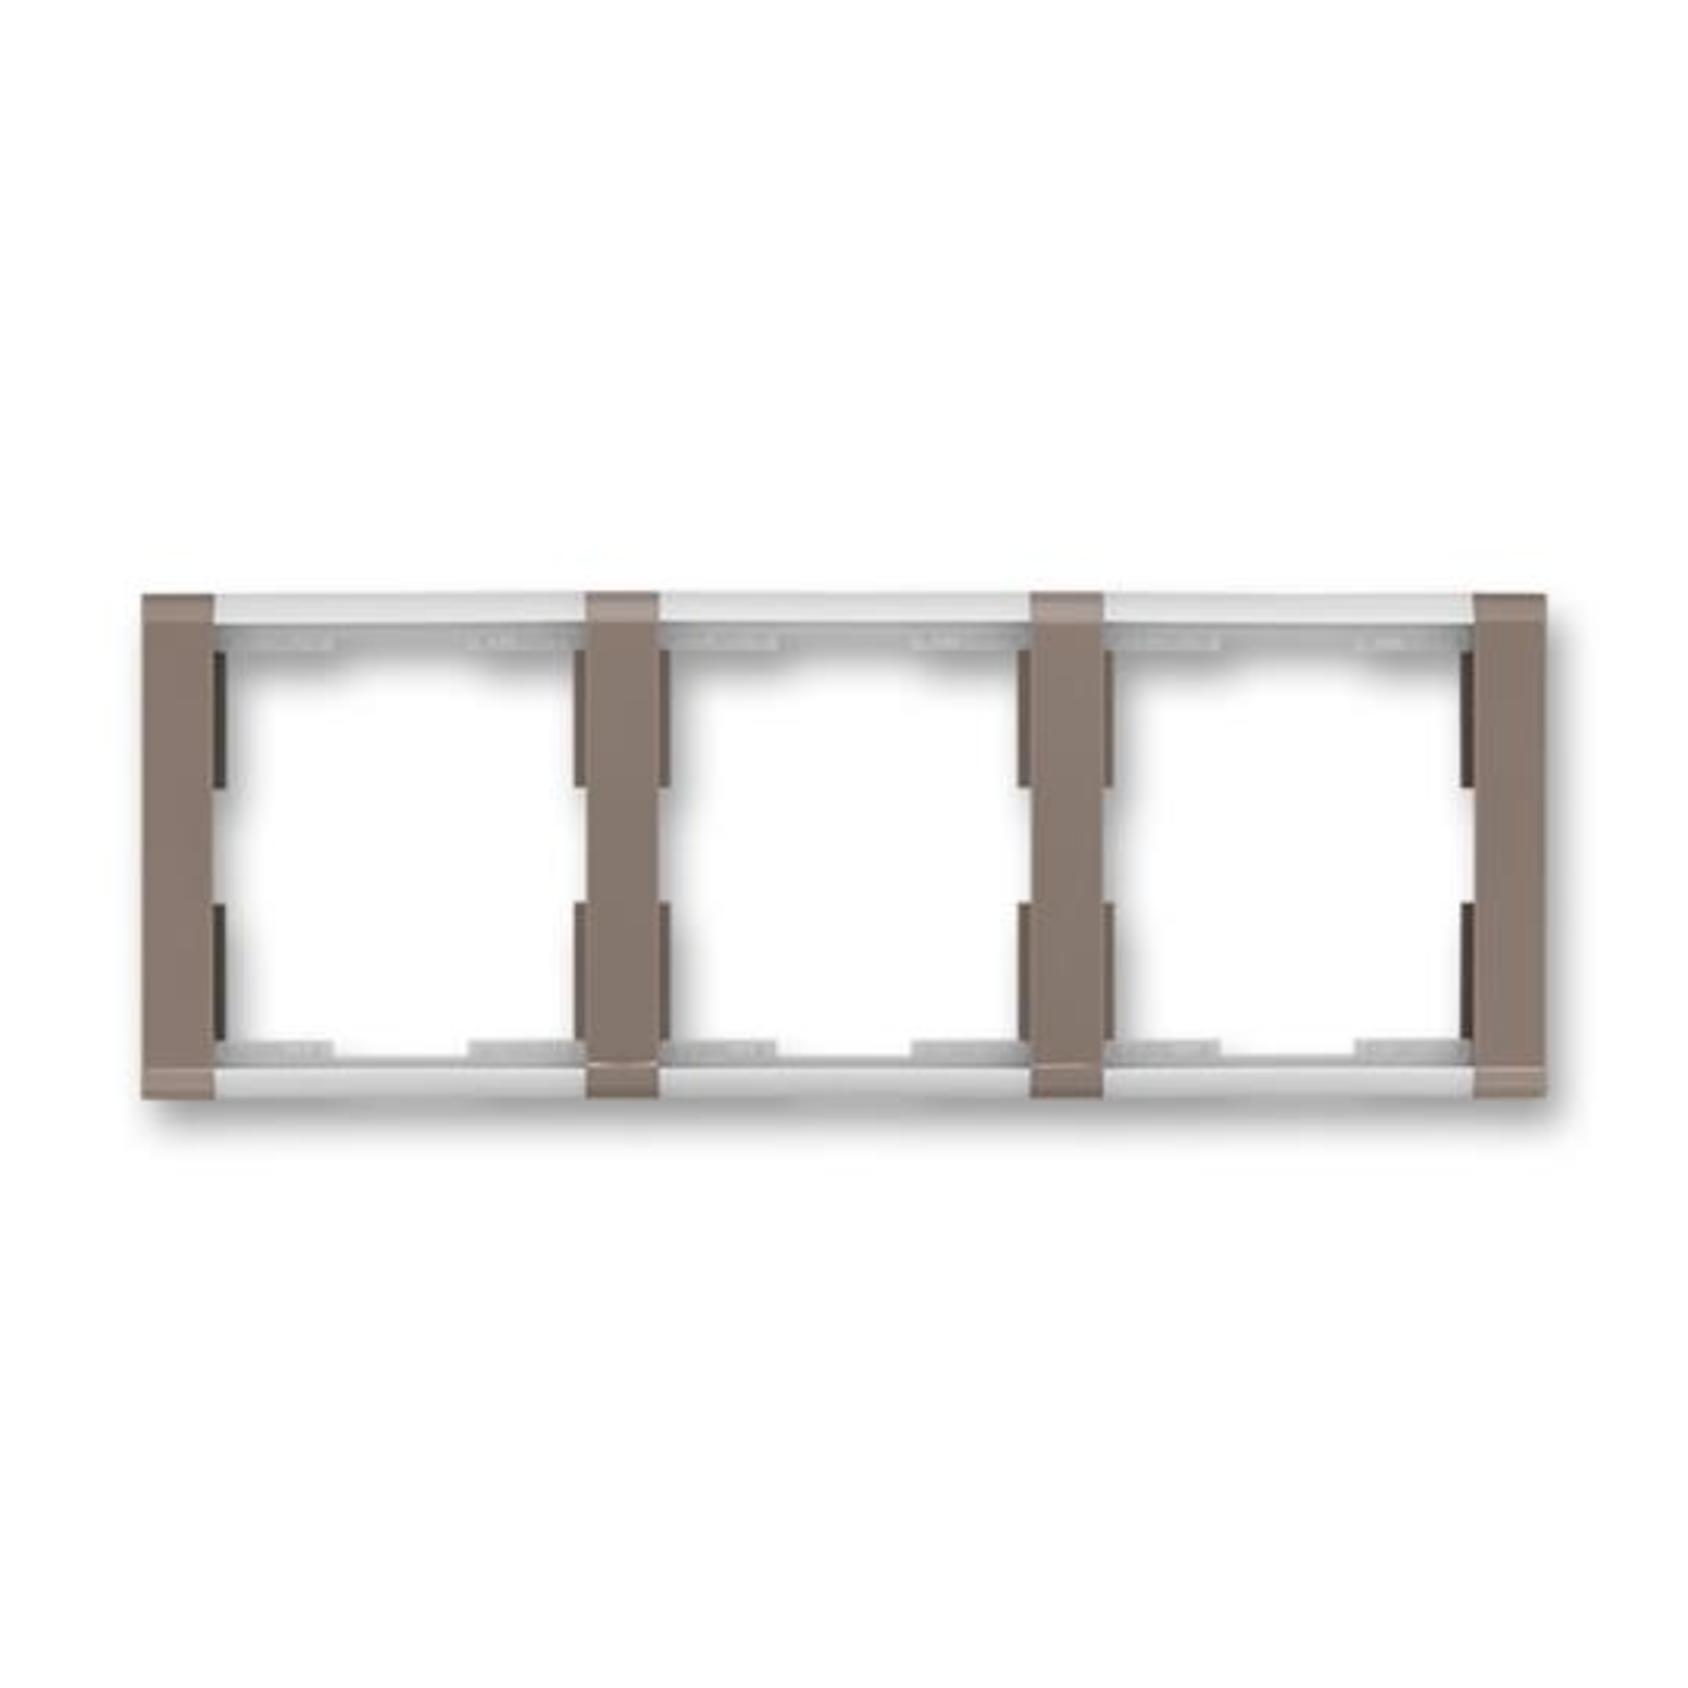 ABB 3901F-A00130 26 Time Rámeček trojnásobný, vodorovný